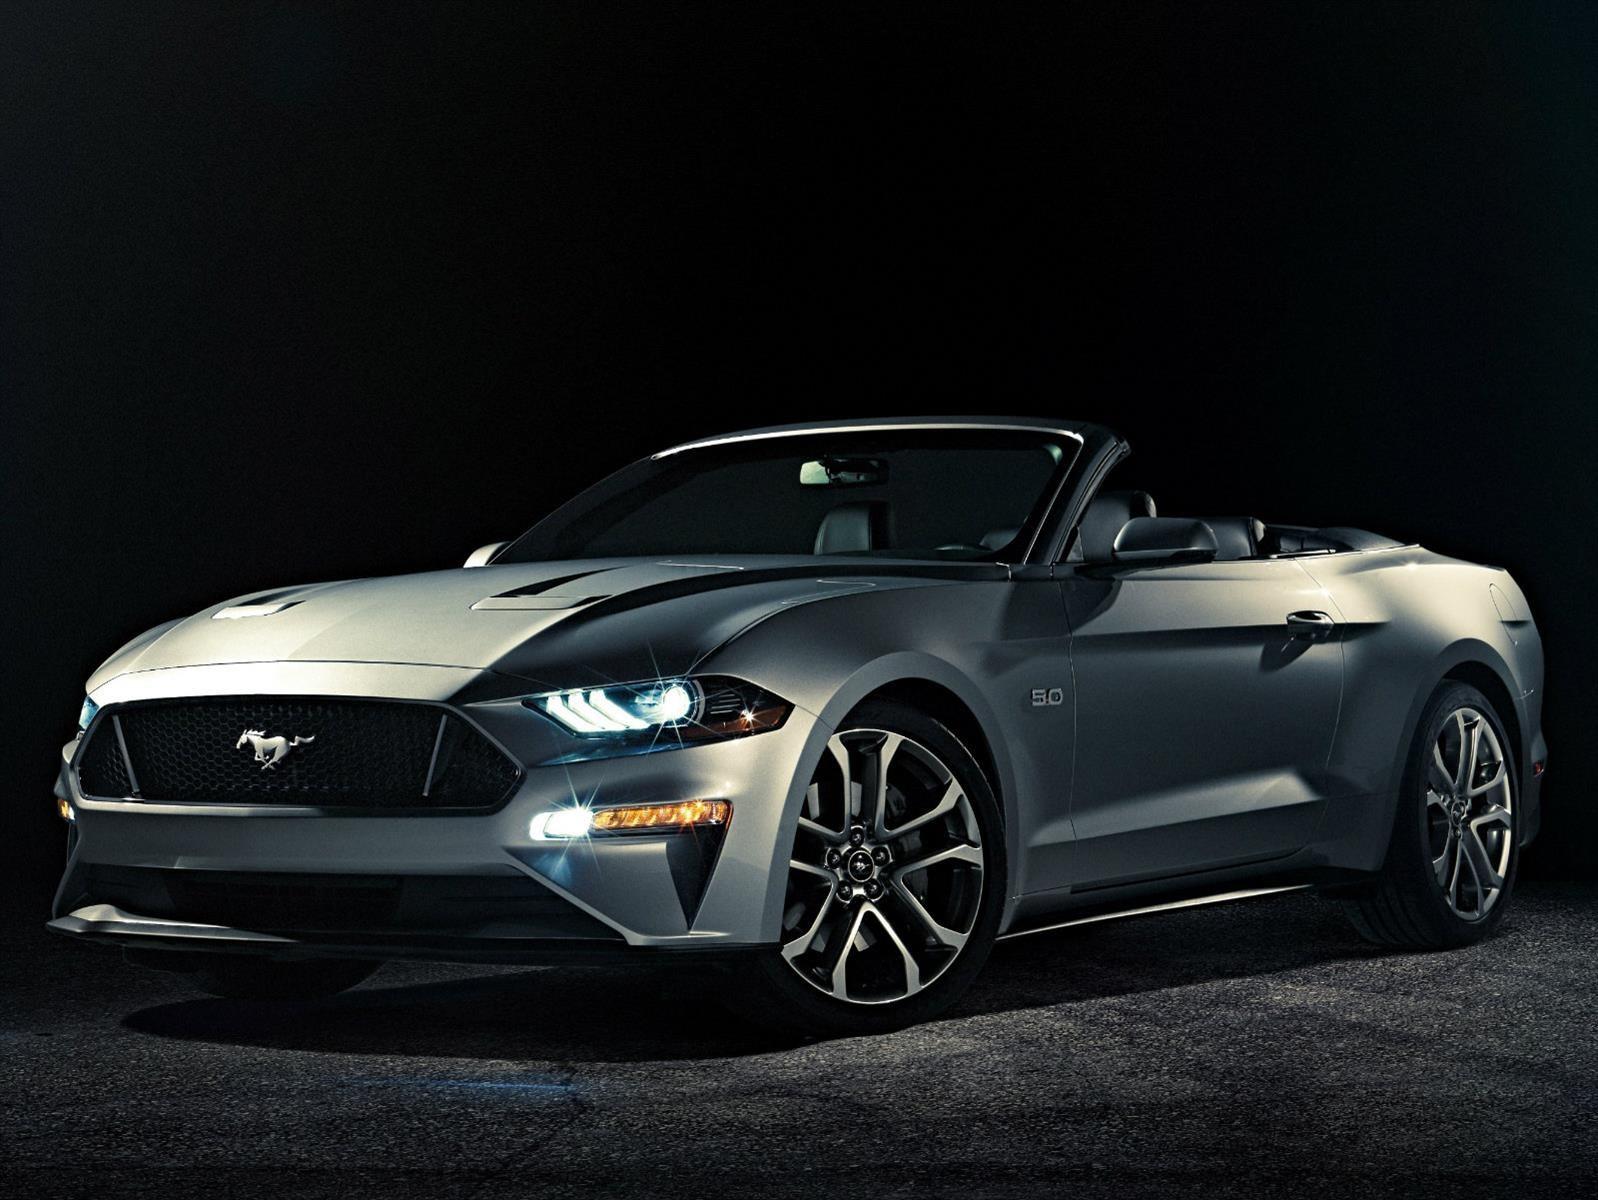 Ford Mustang Convertible 2018, ¡corre como el viento tiro al blanco!